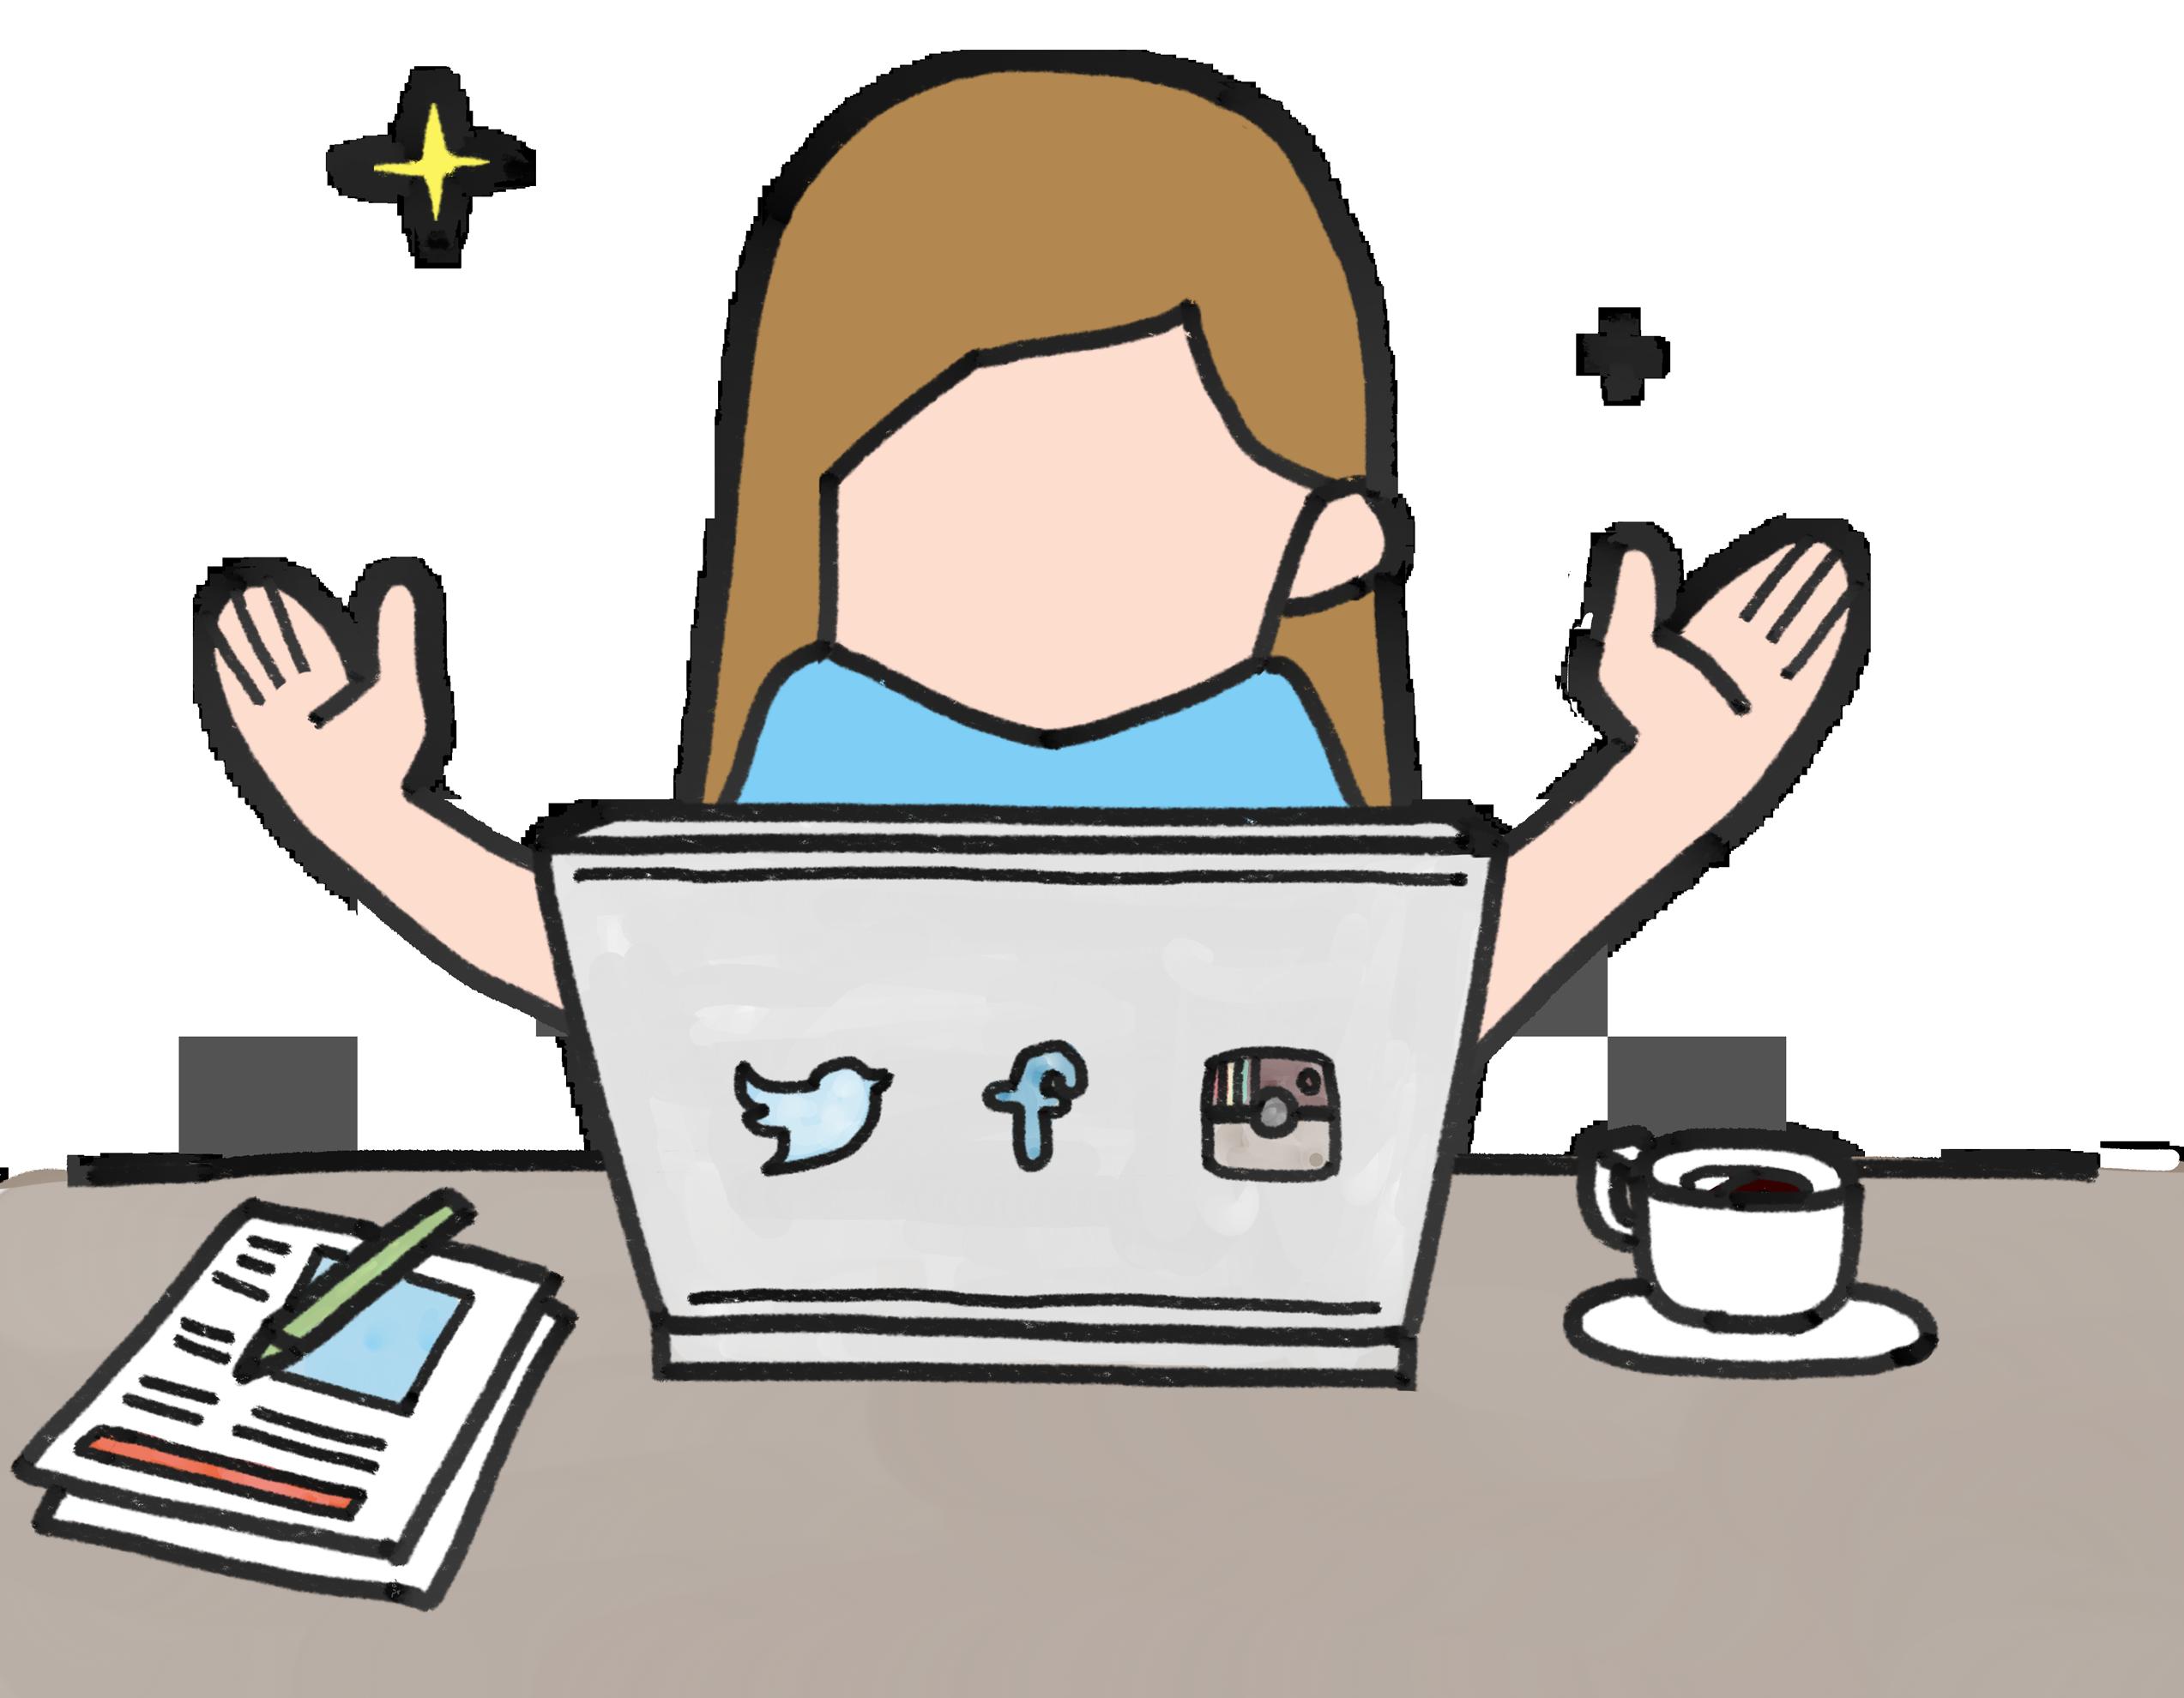 File:Beneficios redes sociales en educación.png.